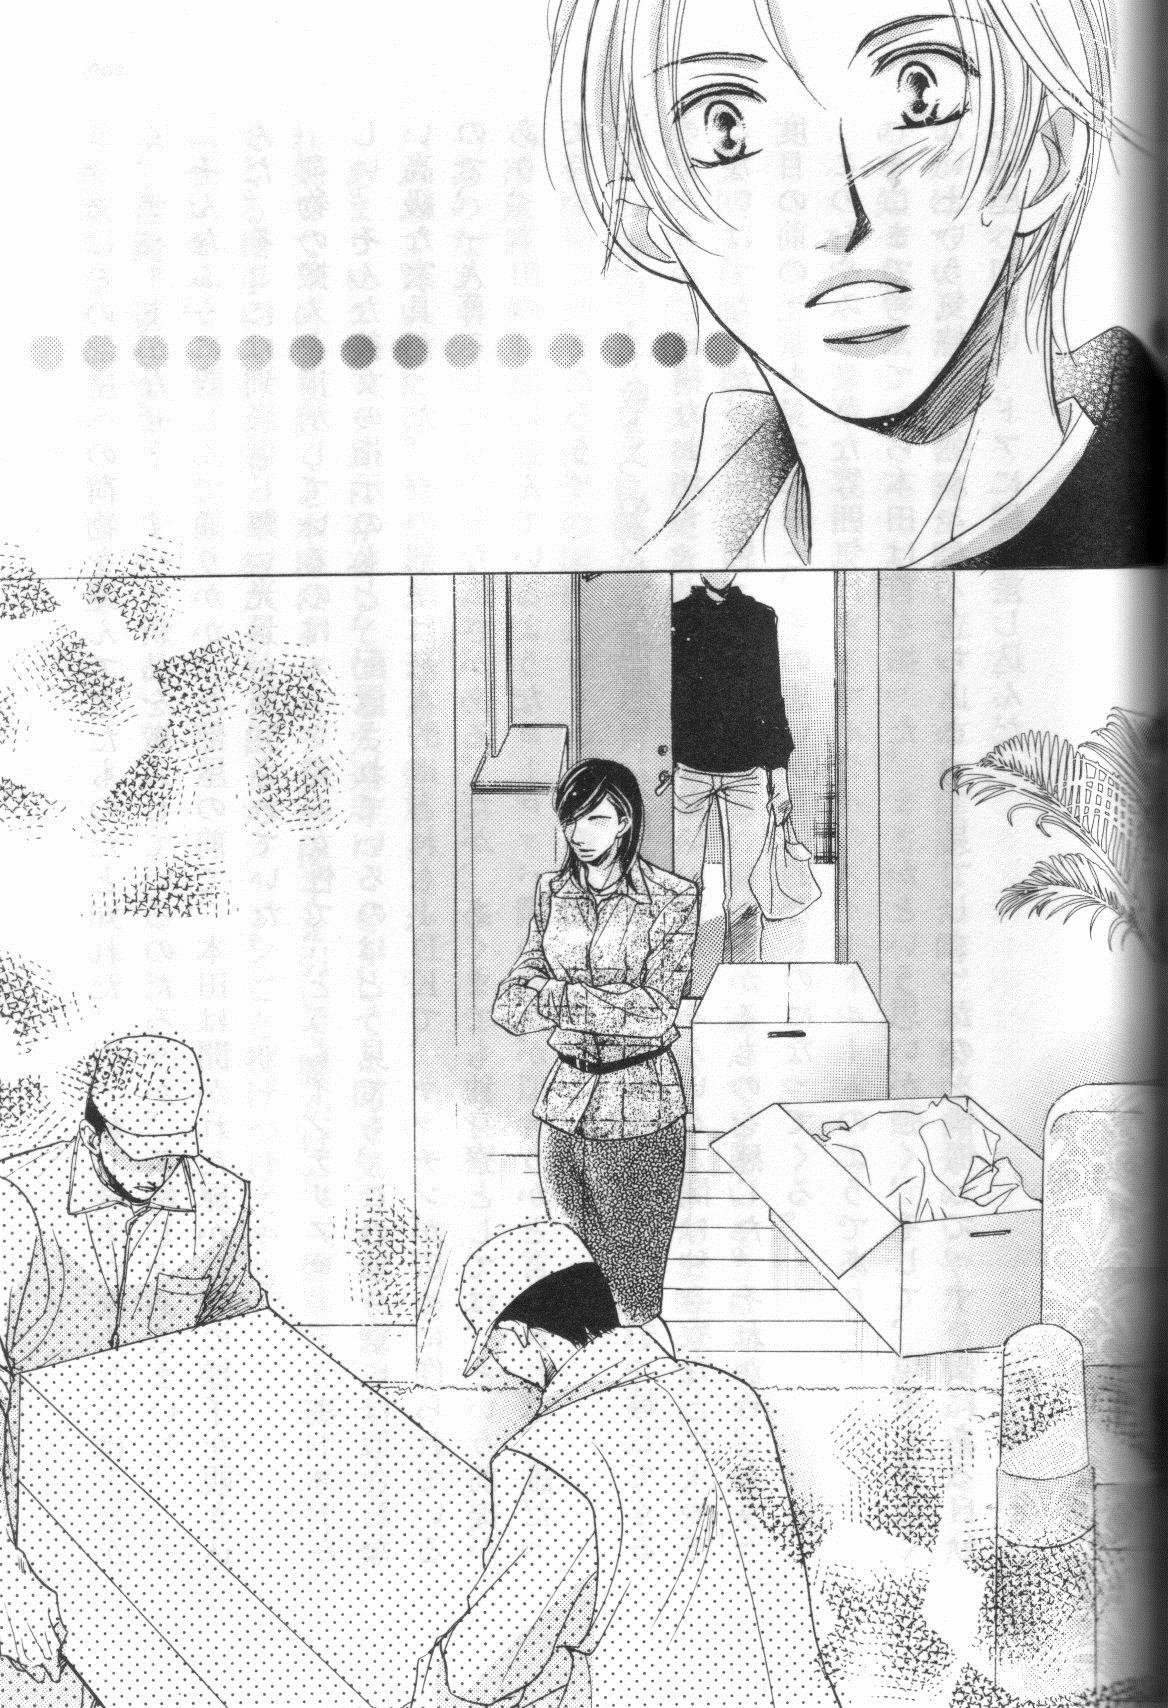 Shiawase ni Dekiru 01 (8)